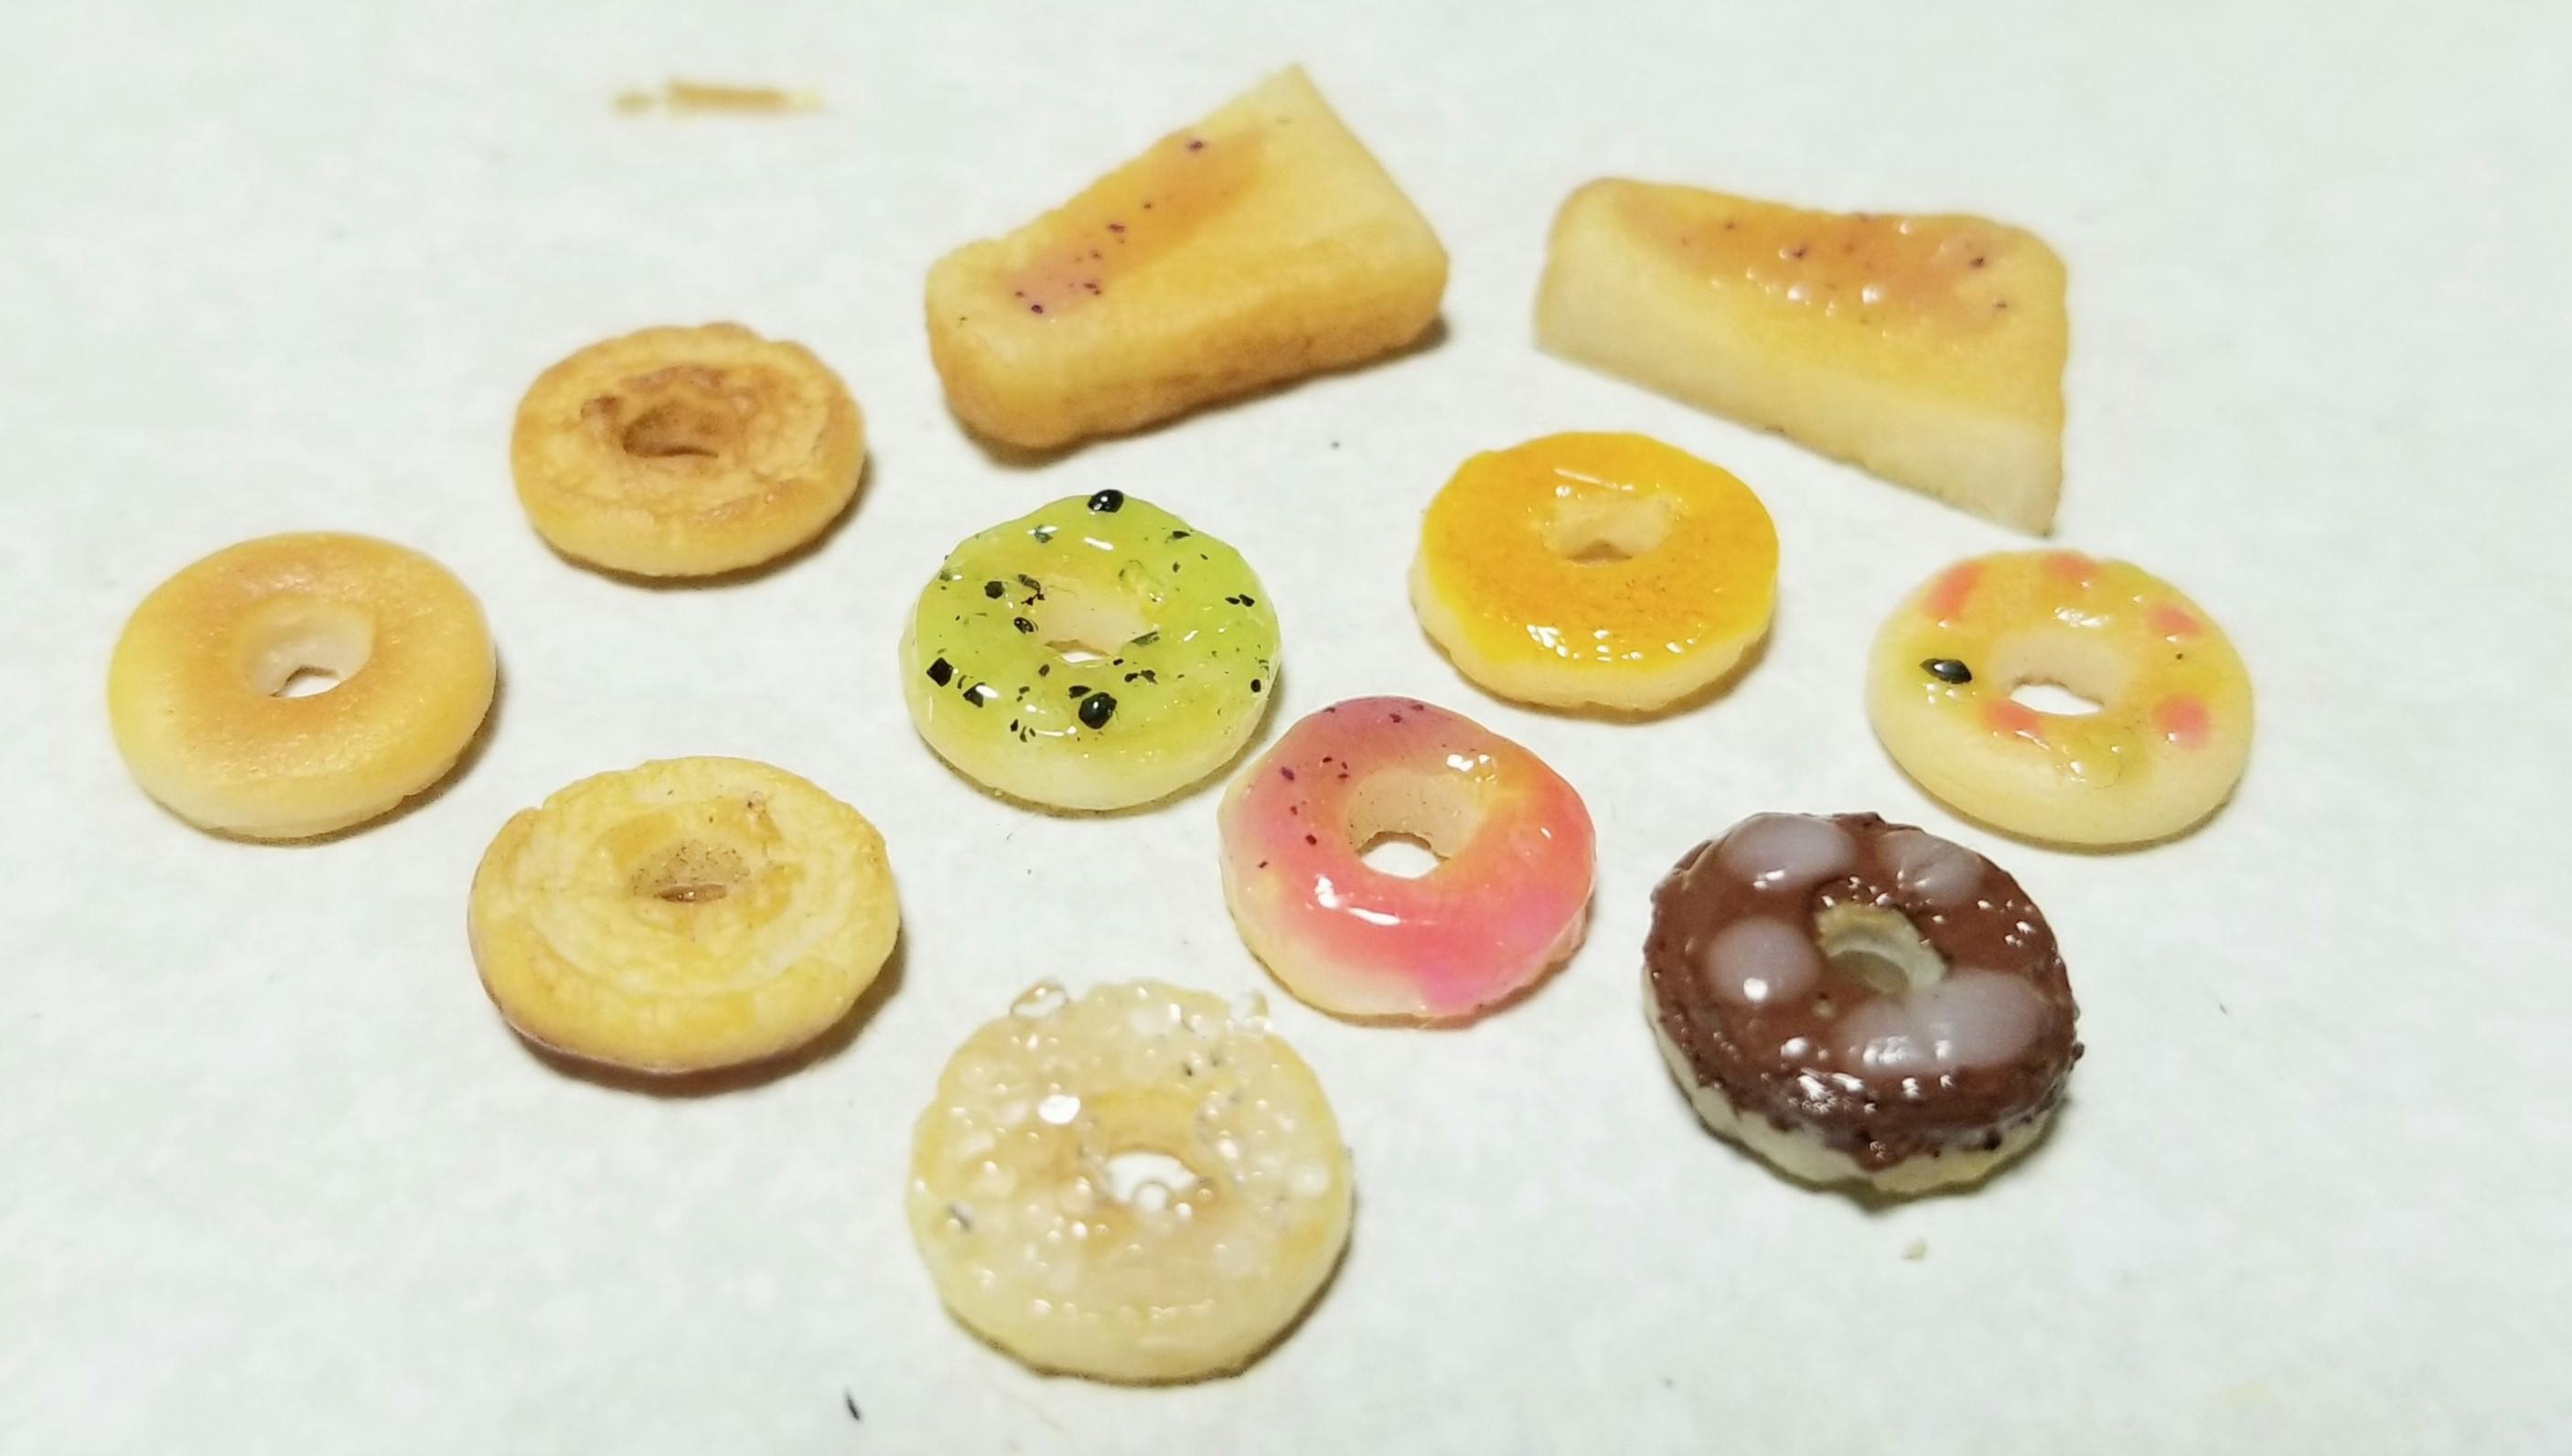 フェイクフード食品サンプルかわいい大好き作り方おすすめブログ人気